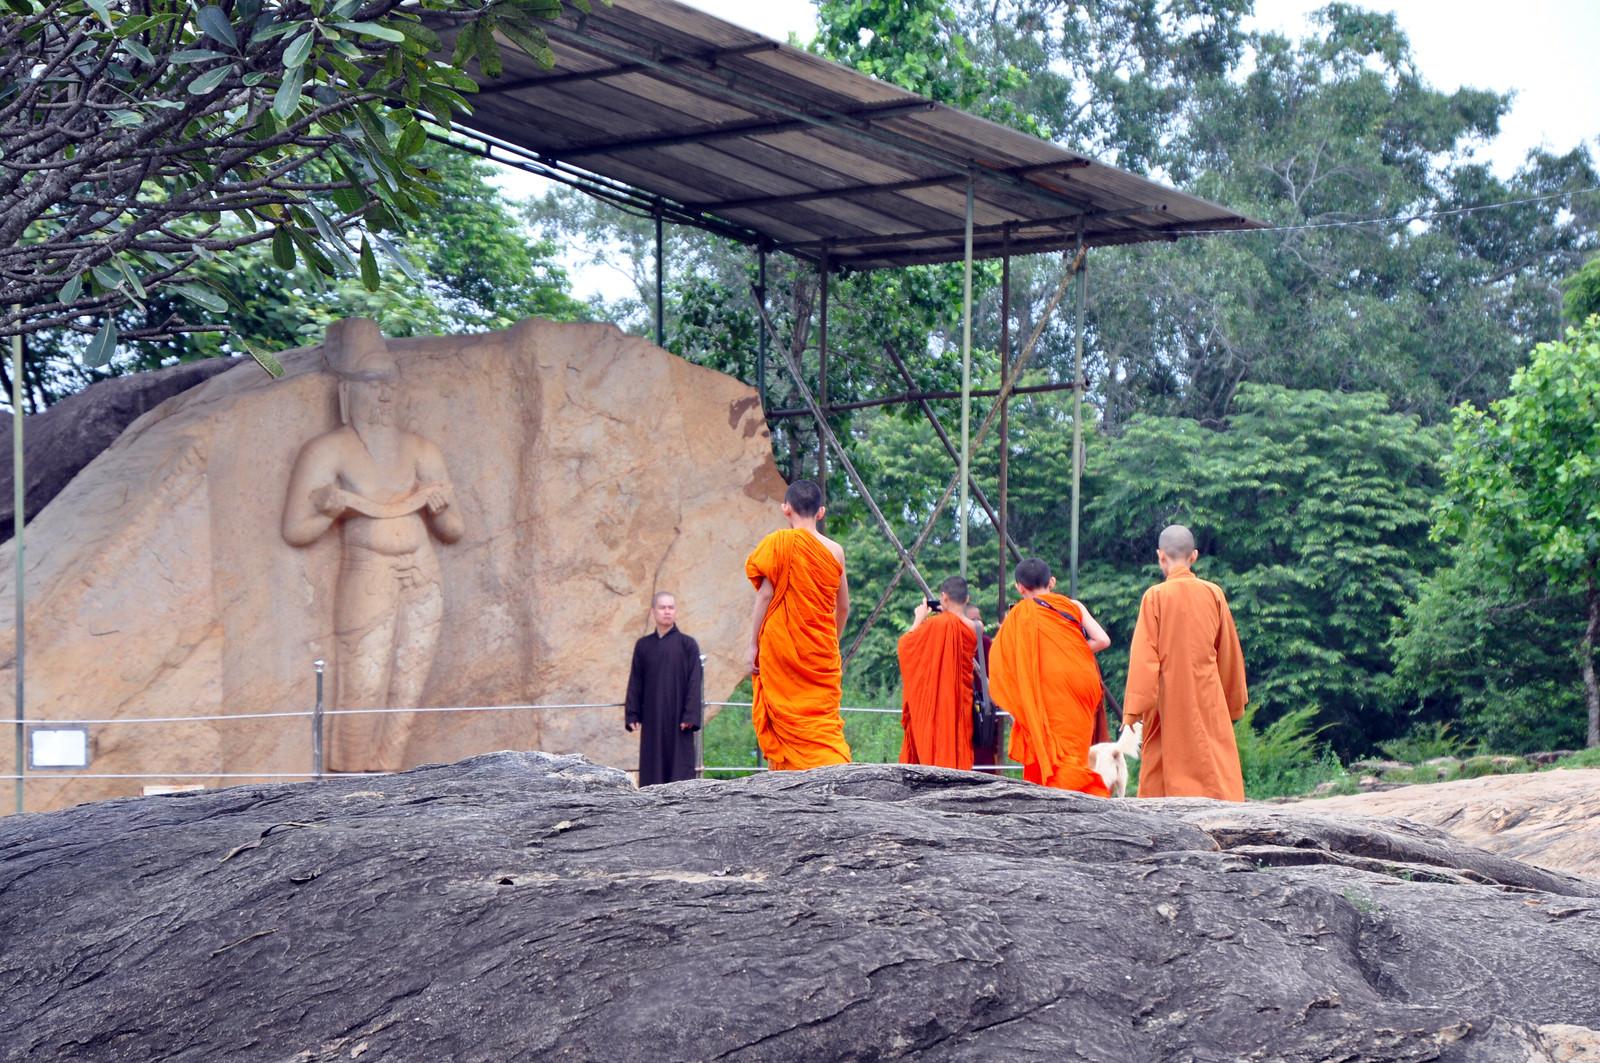 Visitar Polonnaruwa, la antigua capital de Sri Lanka visitar polonnaruwa - 39900933083 091d764139 h - Visitar Polonnaruwa, la antigua capital de Sri Lanka